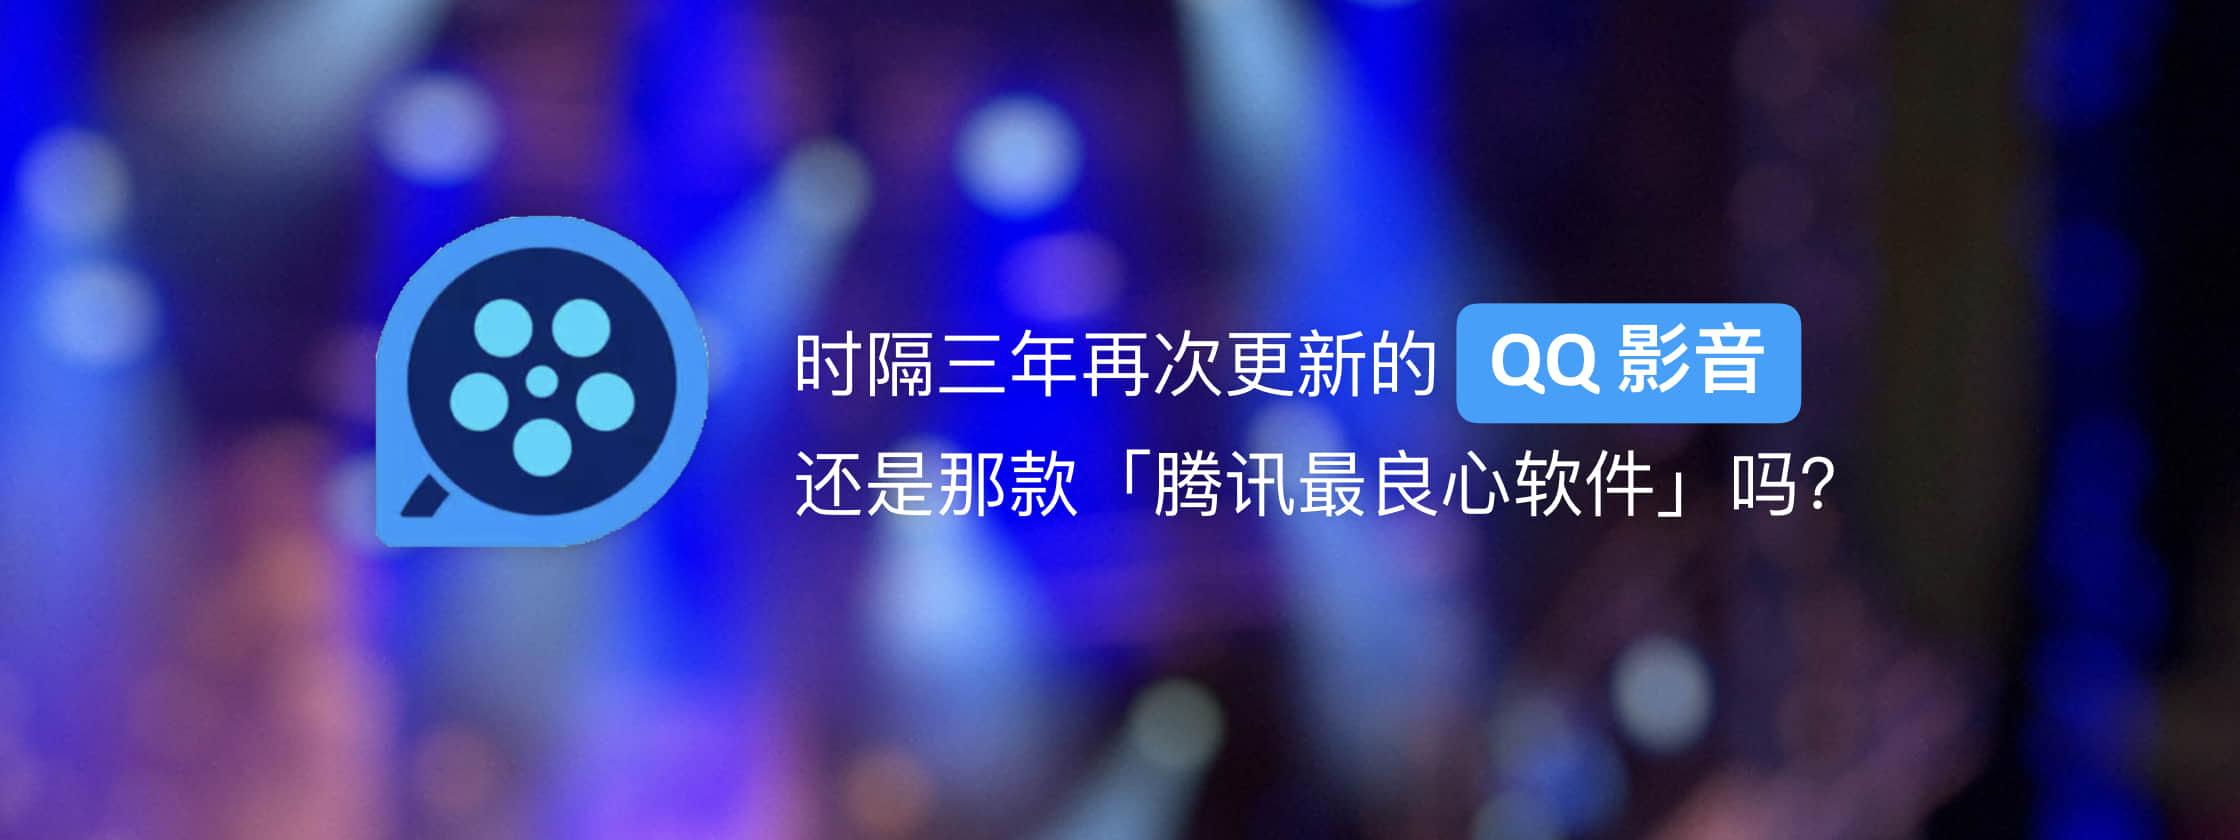 时隔三年更新的 QQ 影音,还是那款「腾讯最良心软件」吗?